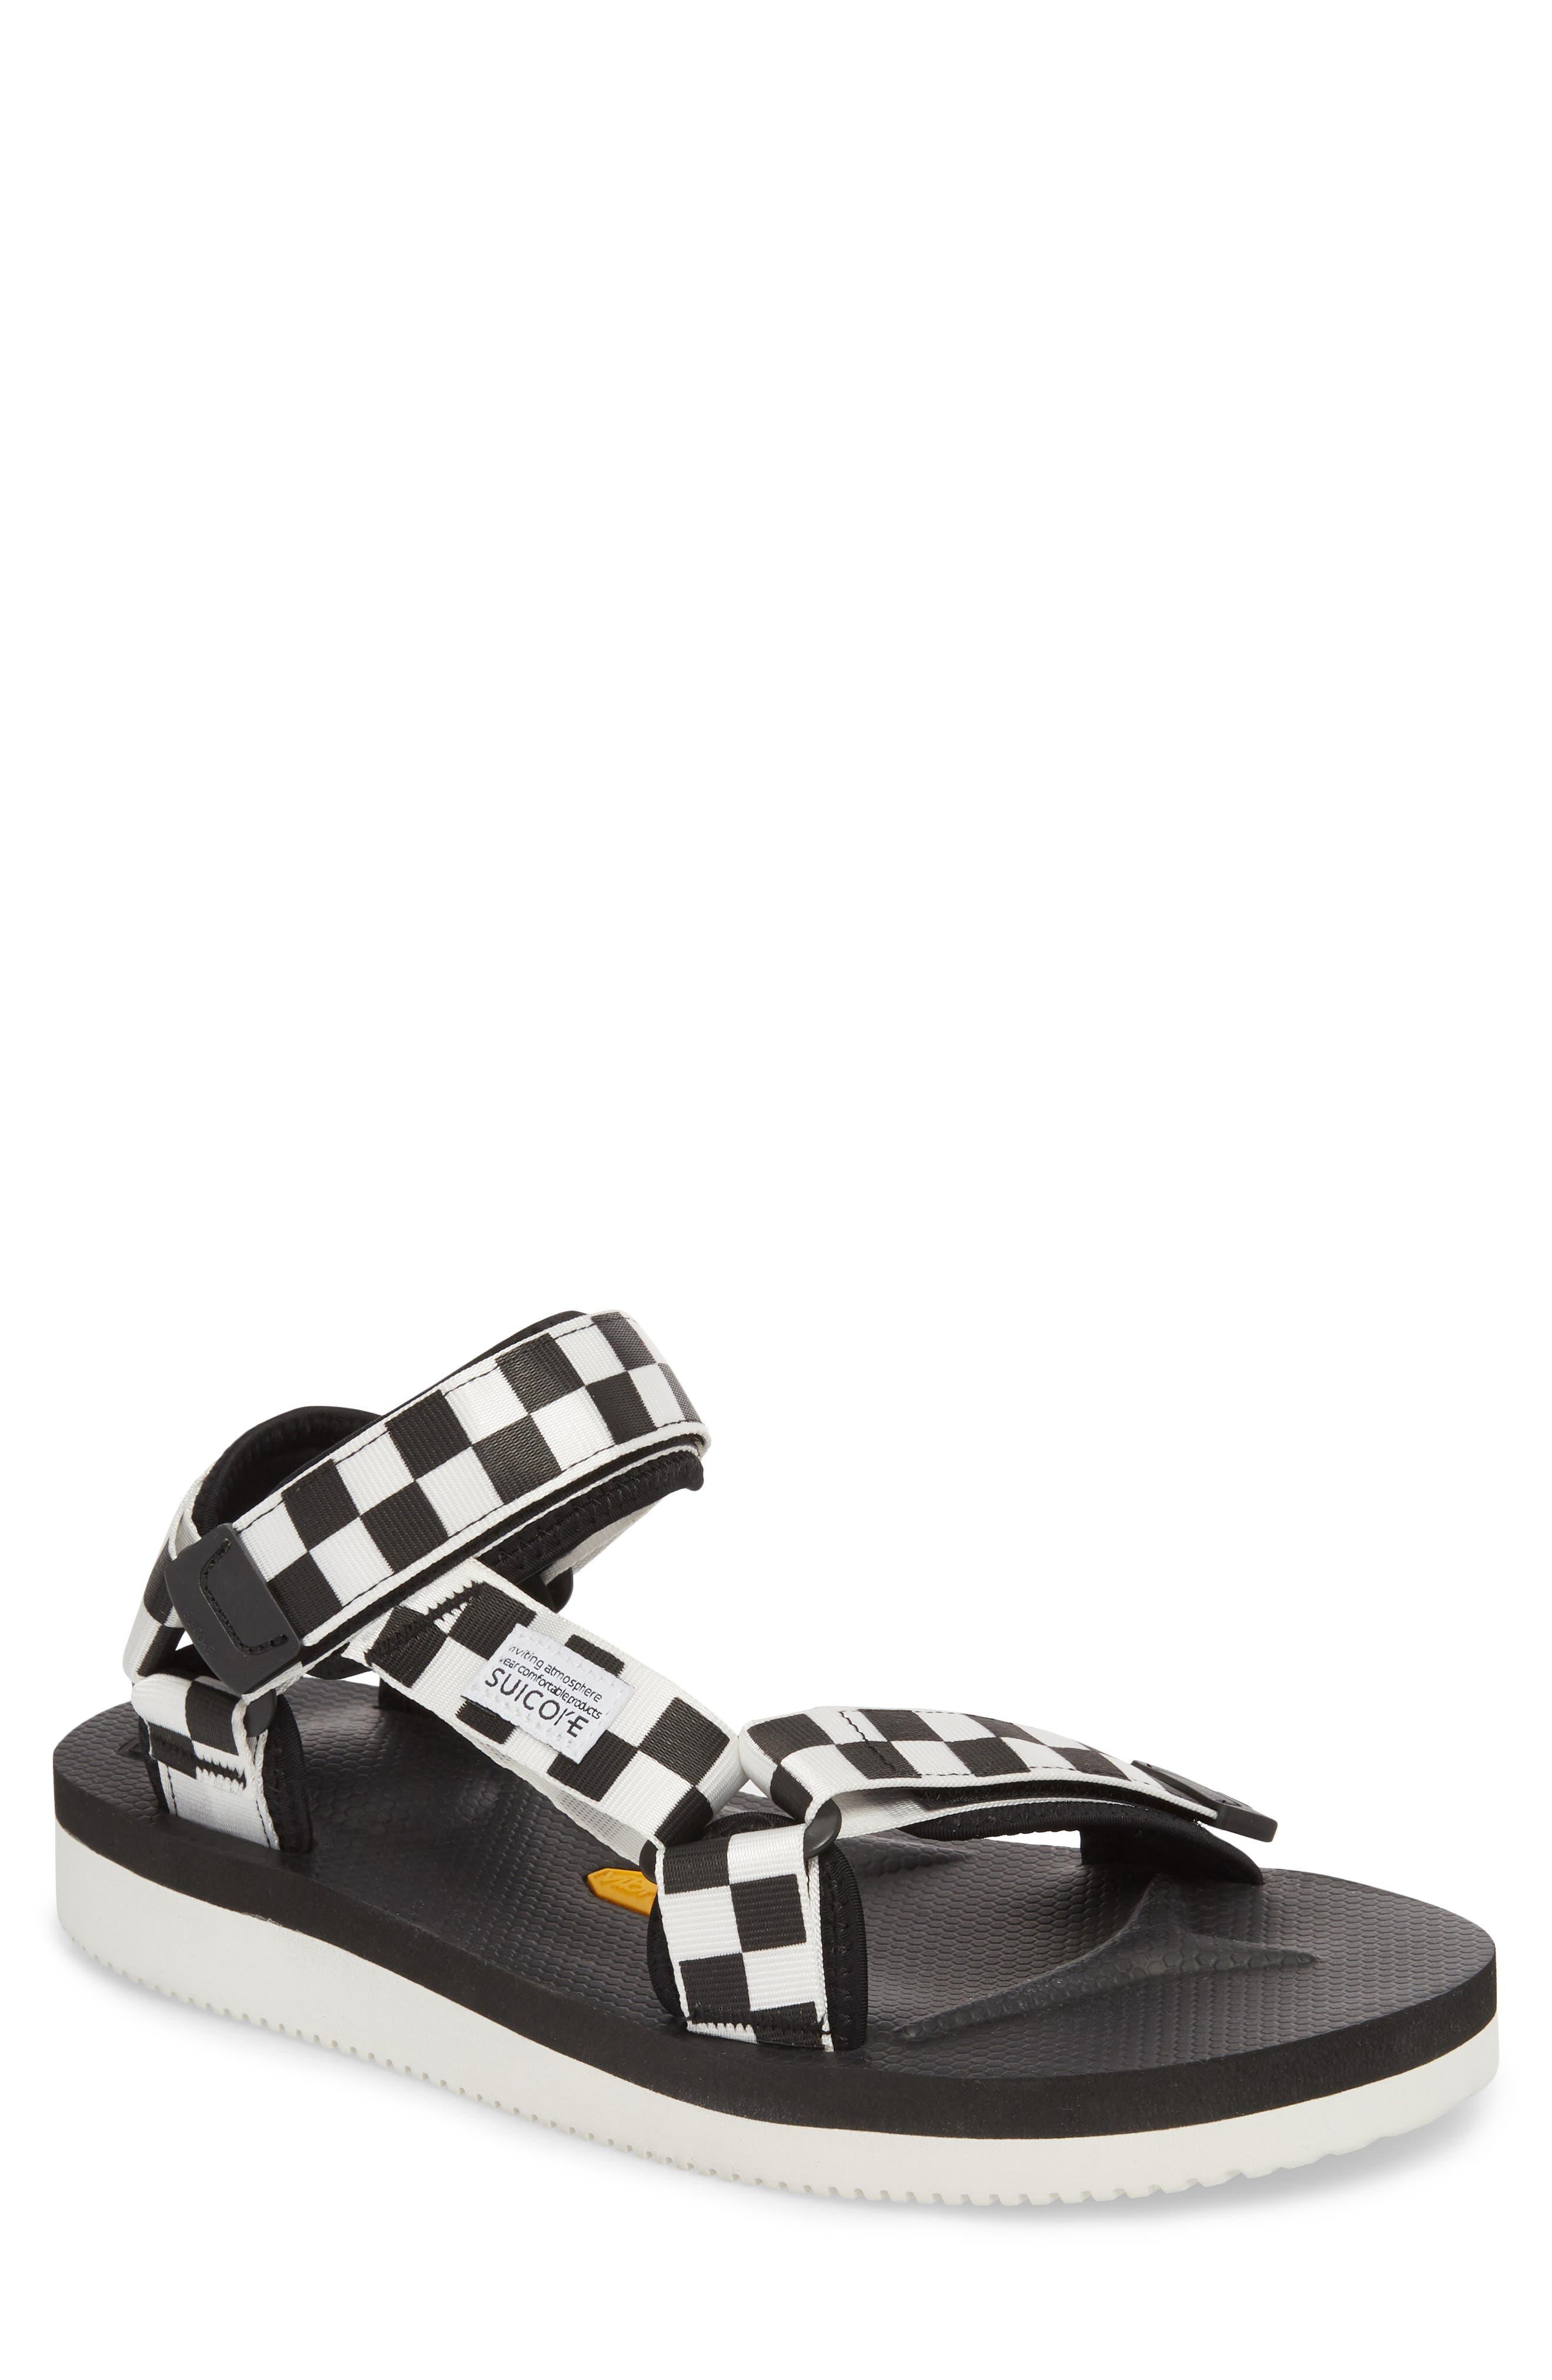 Depa Sport Sandal,                             Main thumbnail 1, color,                             BLACK